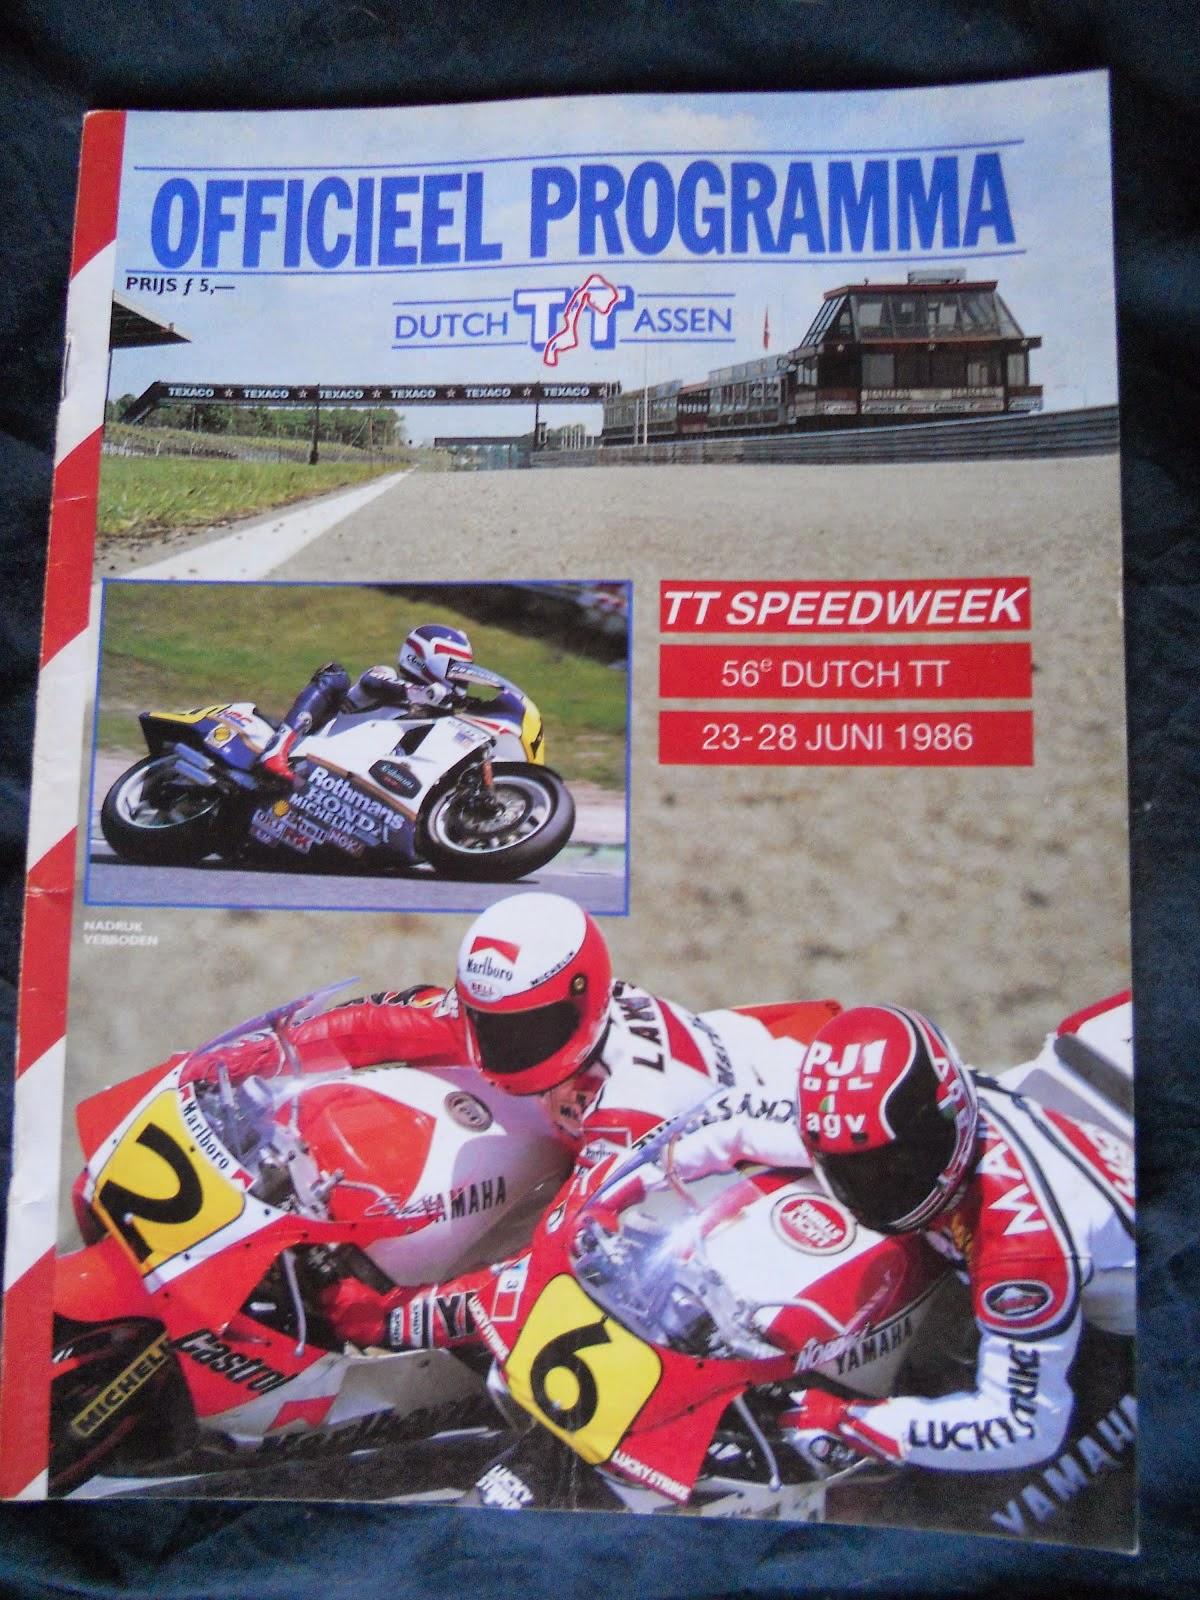 programa de carreras del GP Holanda en Assen 1986